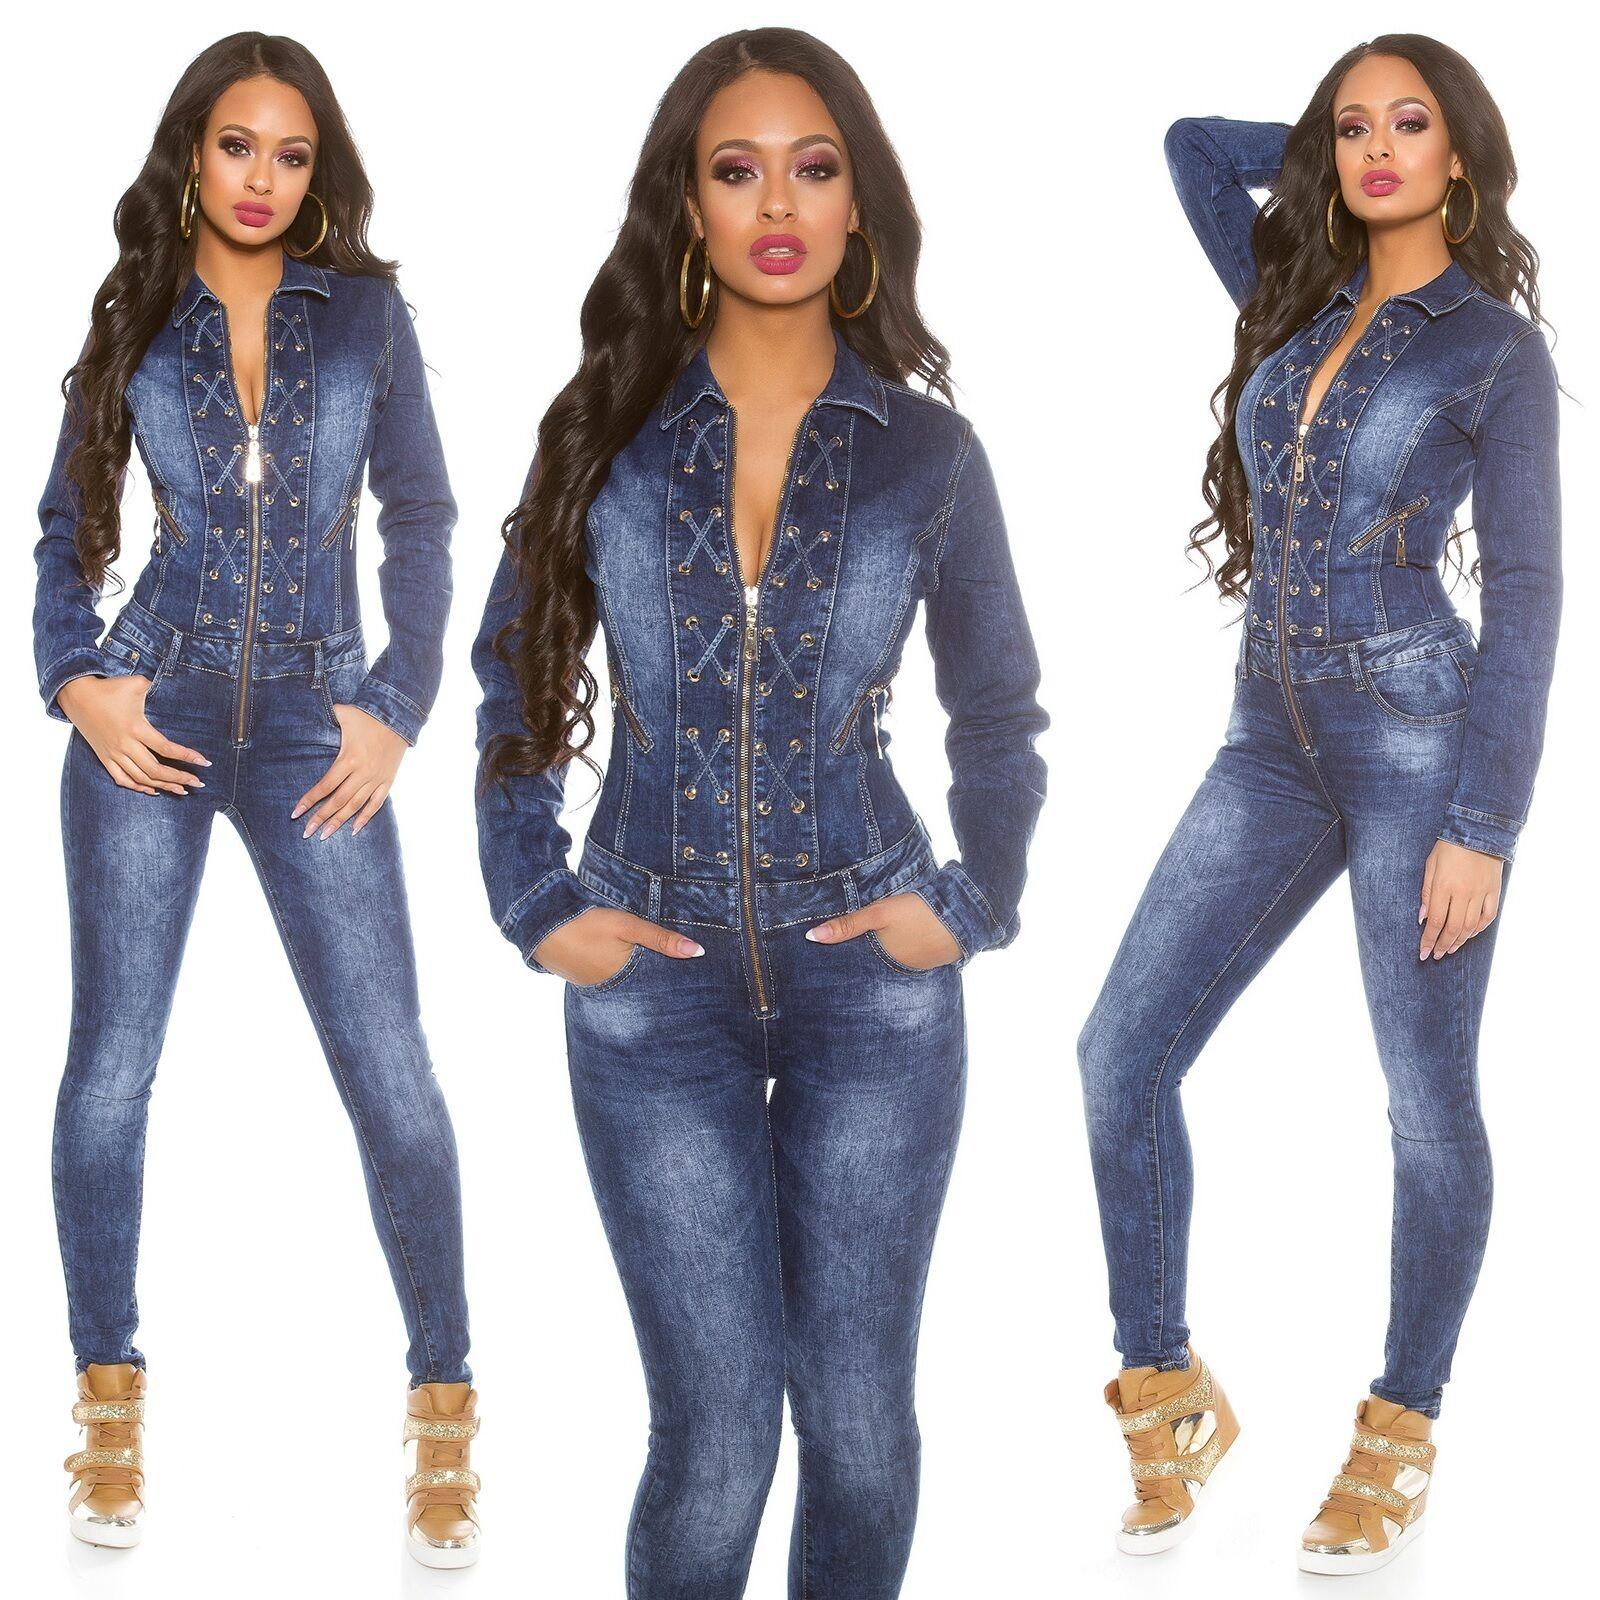 c71c69c695b Women s Lace-Up Long Sleeve Denim Jeans Jumpsuit Overall - XS S M L ...